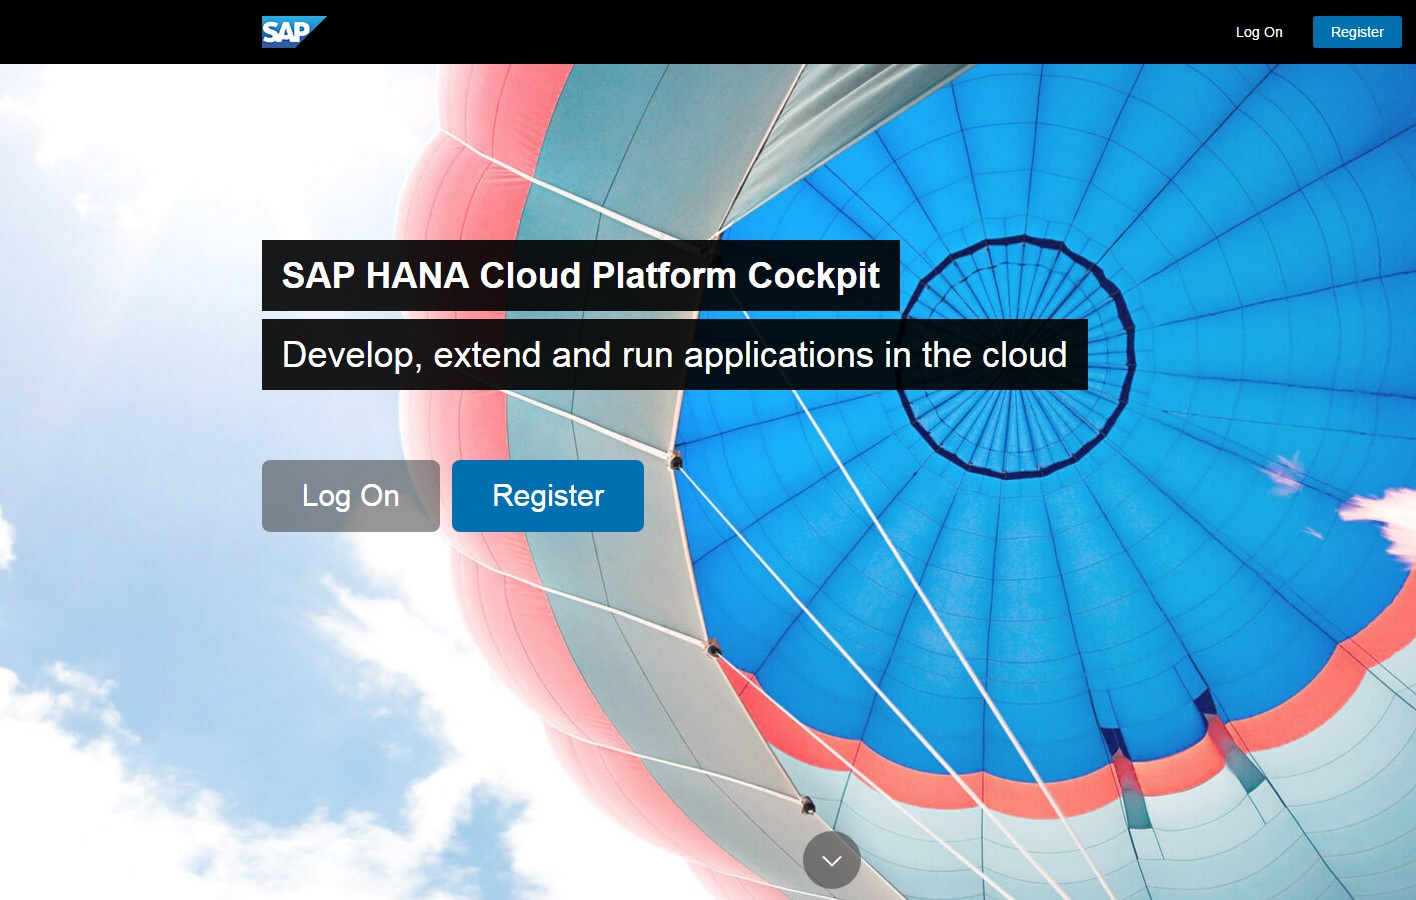 HANA Cloud Platform for Trial